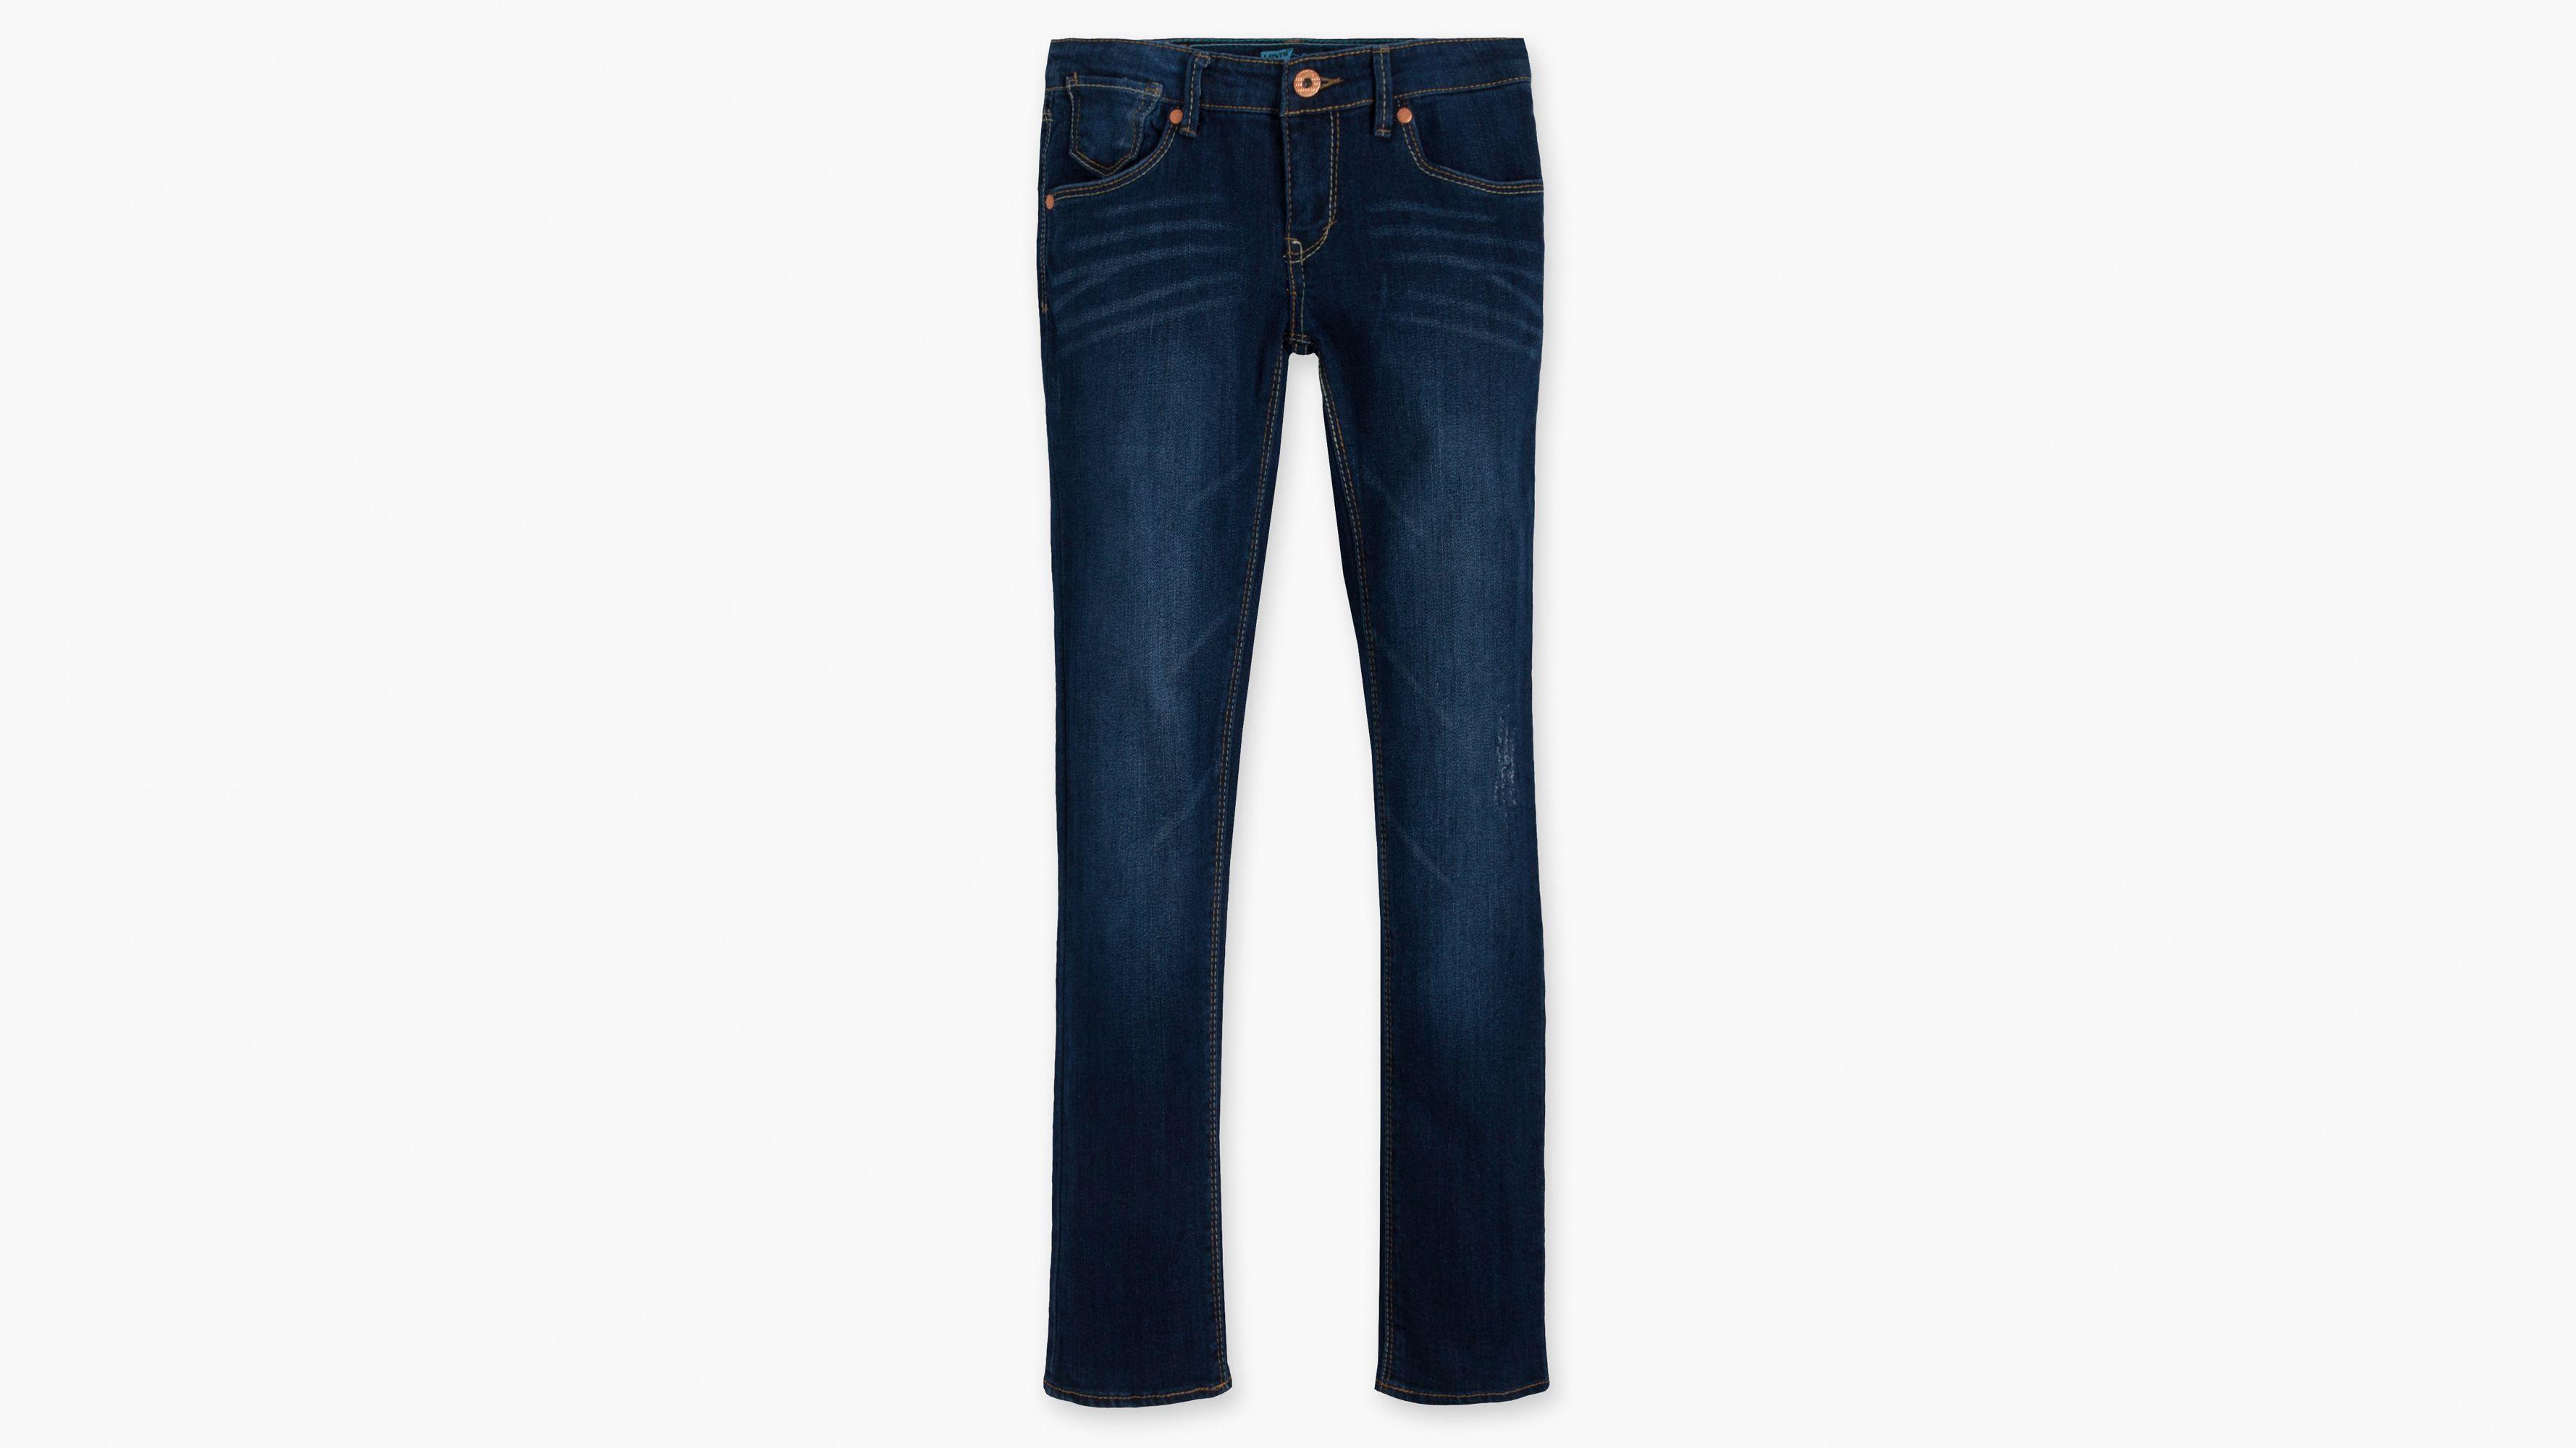 Girls (7-16) Skinny Jeans - Dark Sky